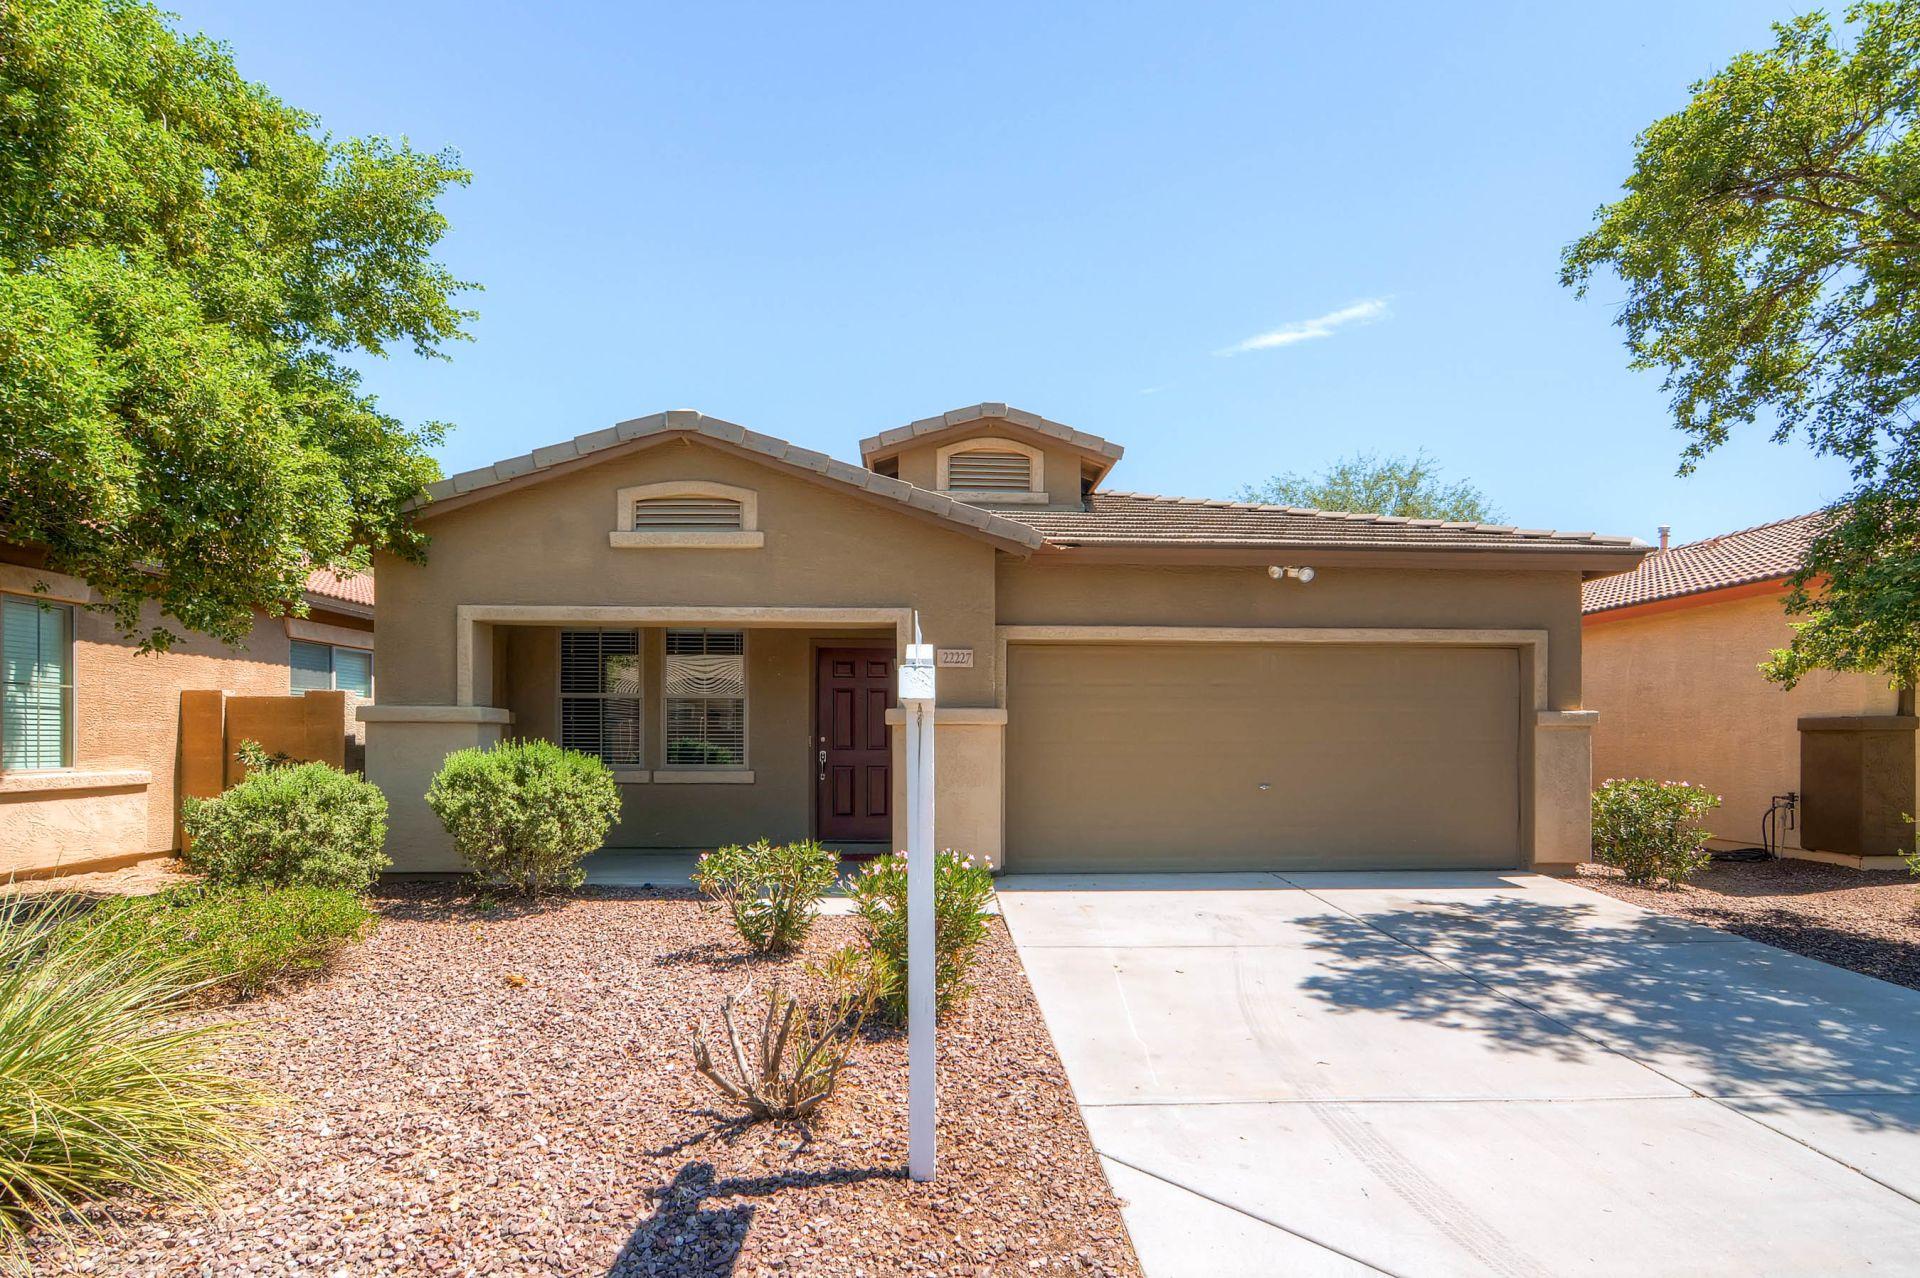 22227 S 214TH Street , Queen Creek, AZ 85142